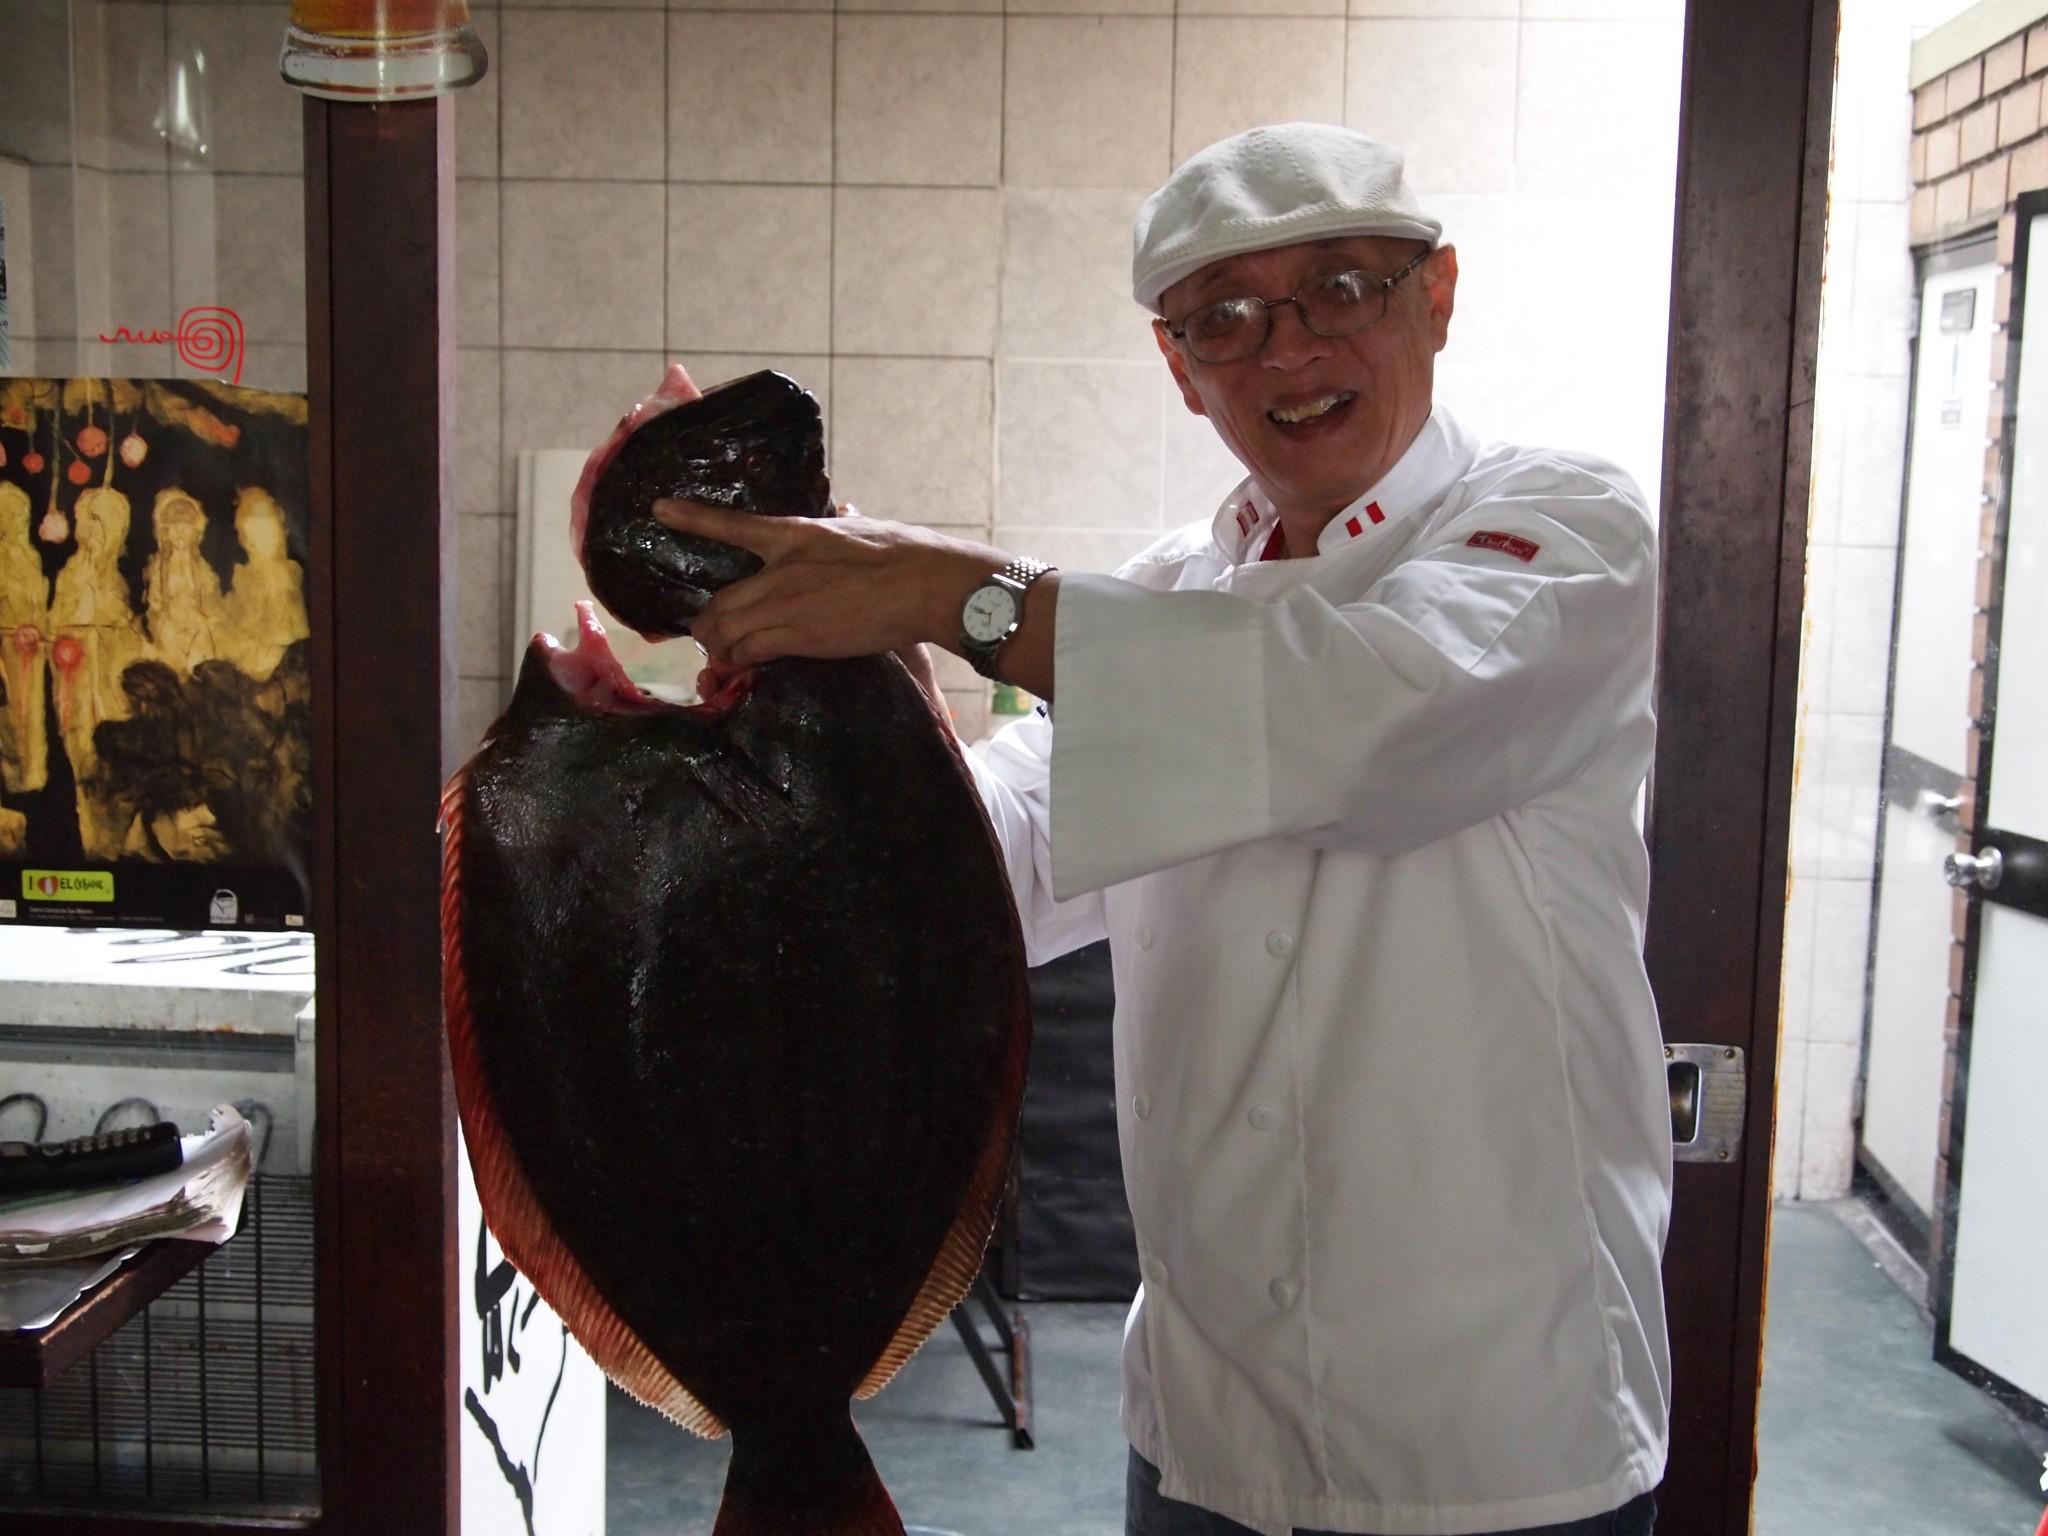 El Chef Wong periodista convertido en cocinero, famoso en todo el mundo por su cebiches.